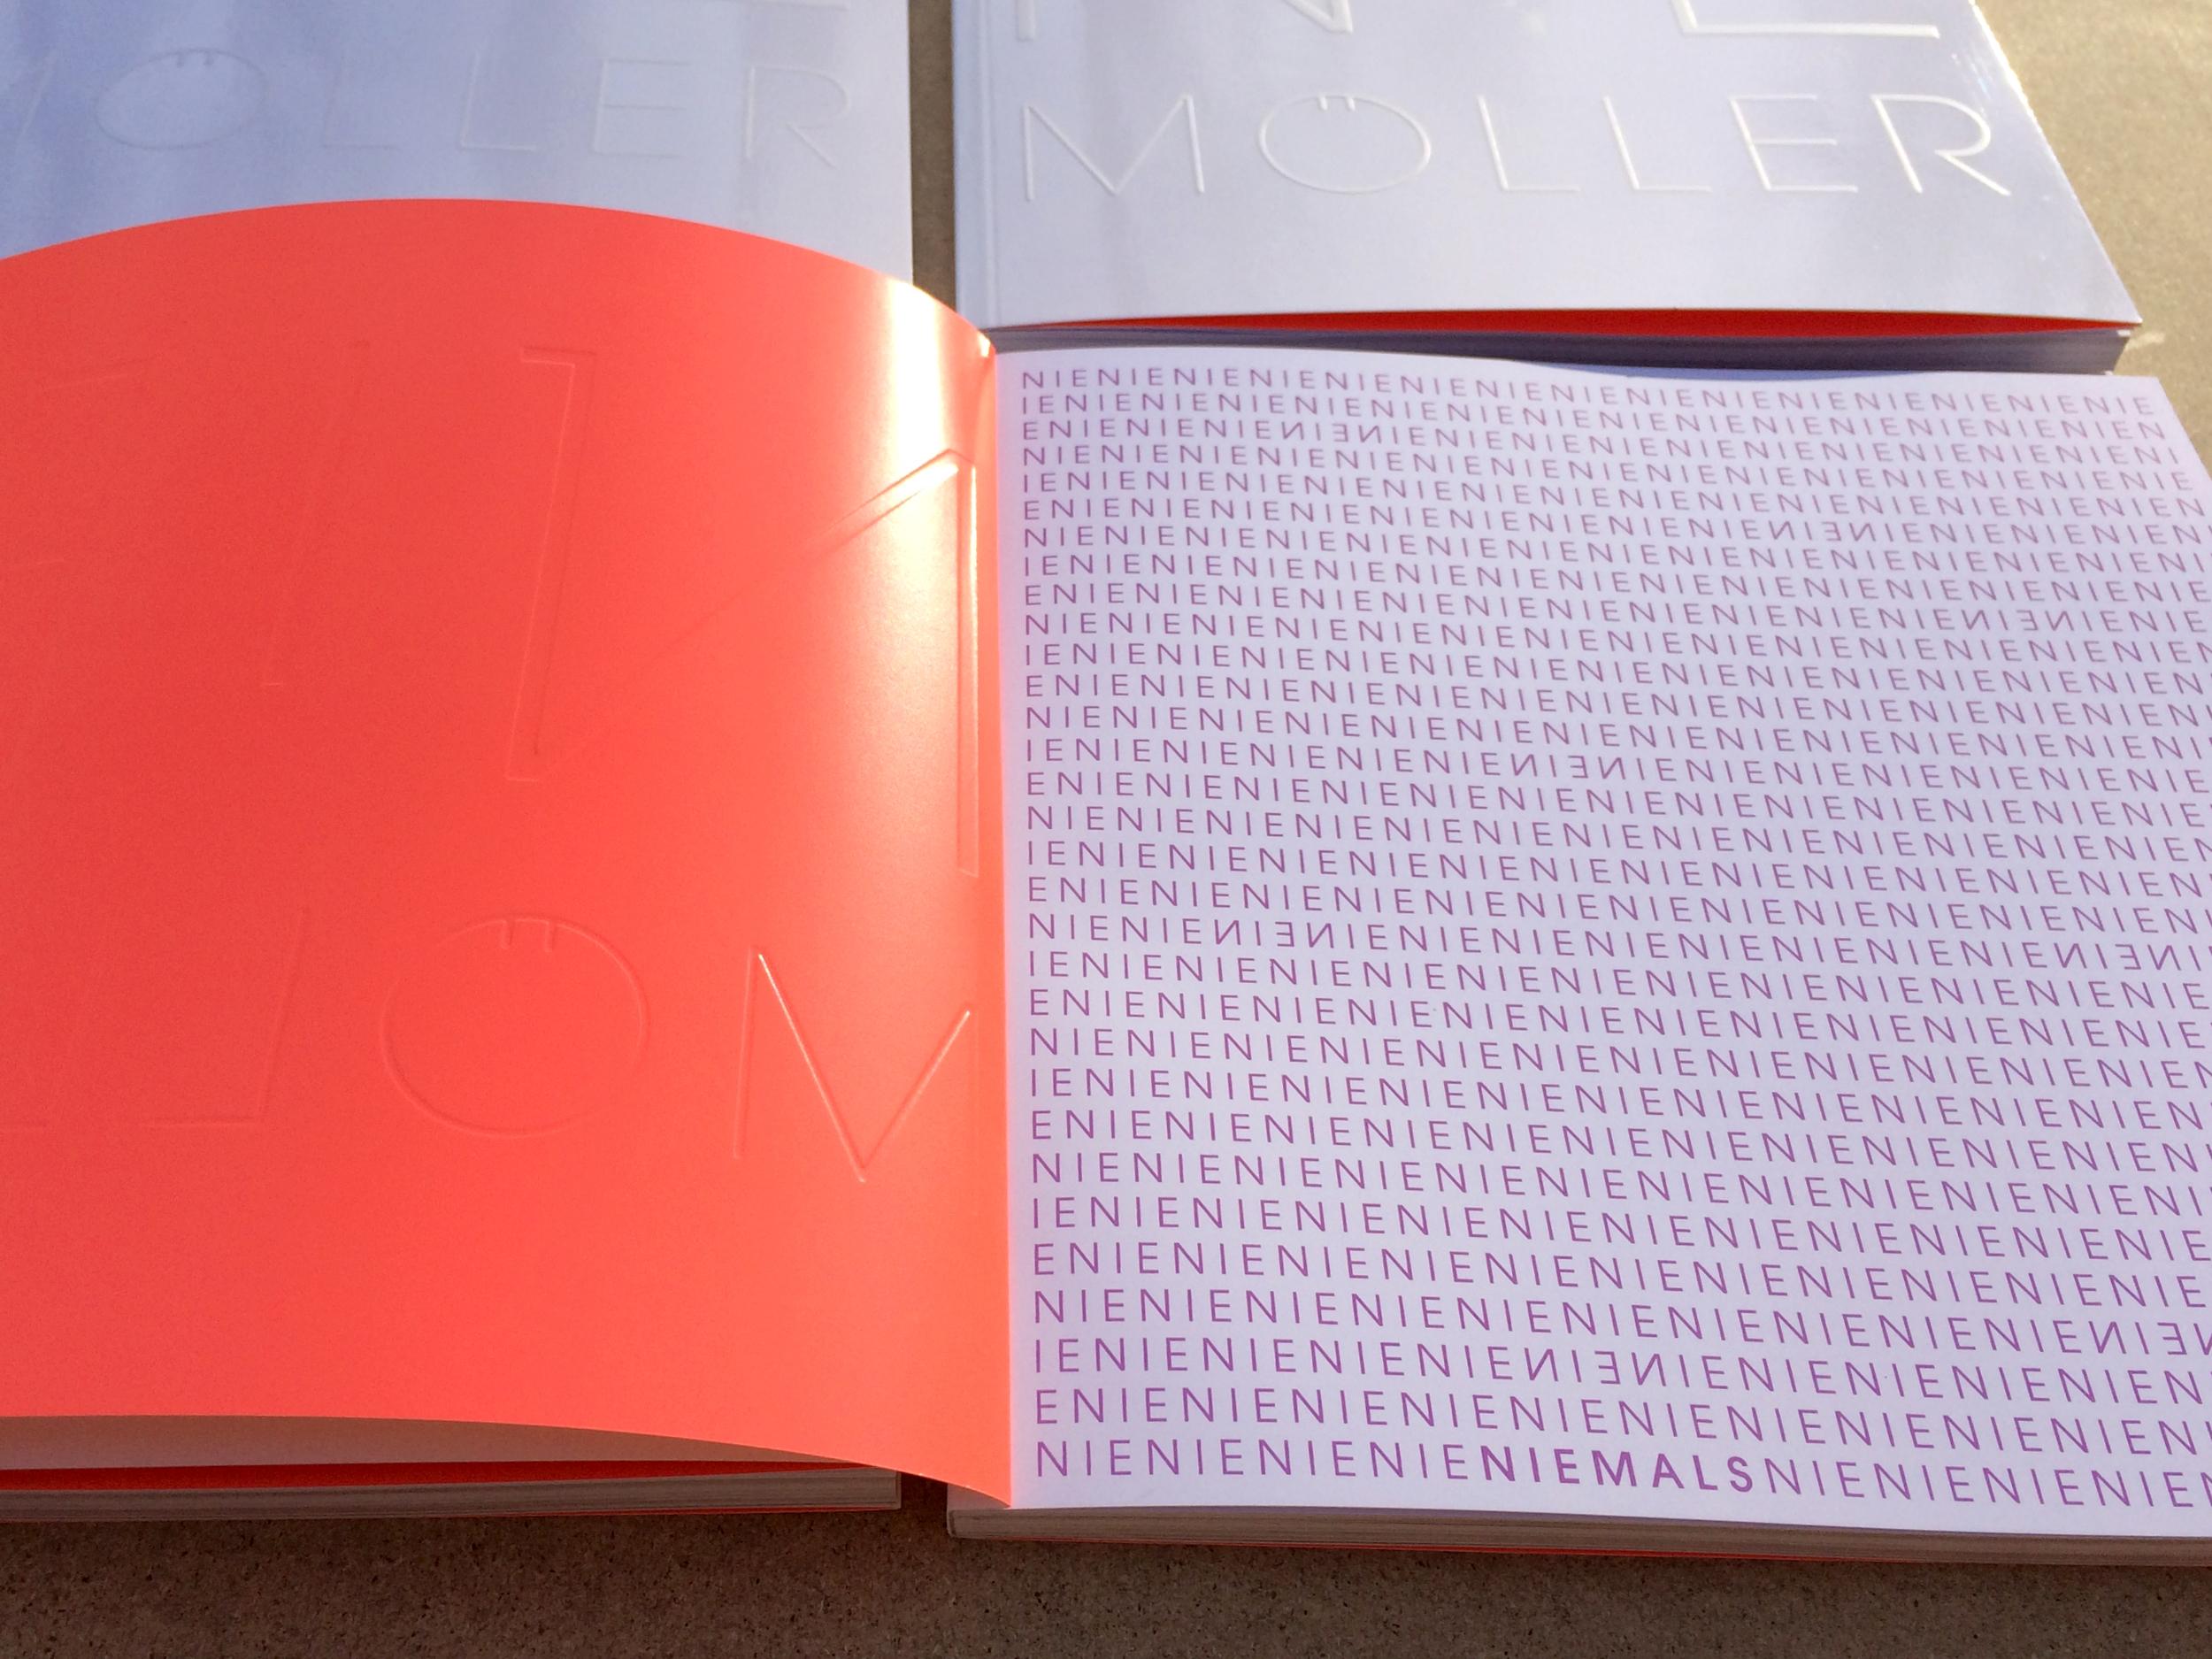 Vorsatzgestaltung: photochrome Siebdruckfarbe reagiert auf UV-Licht